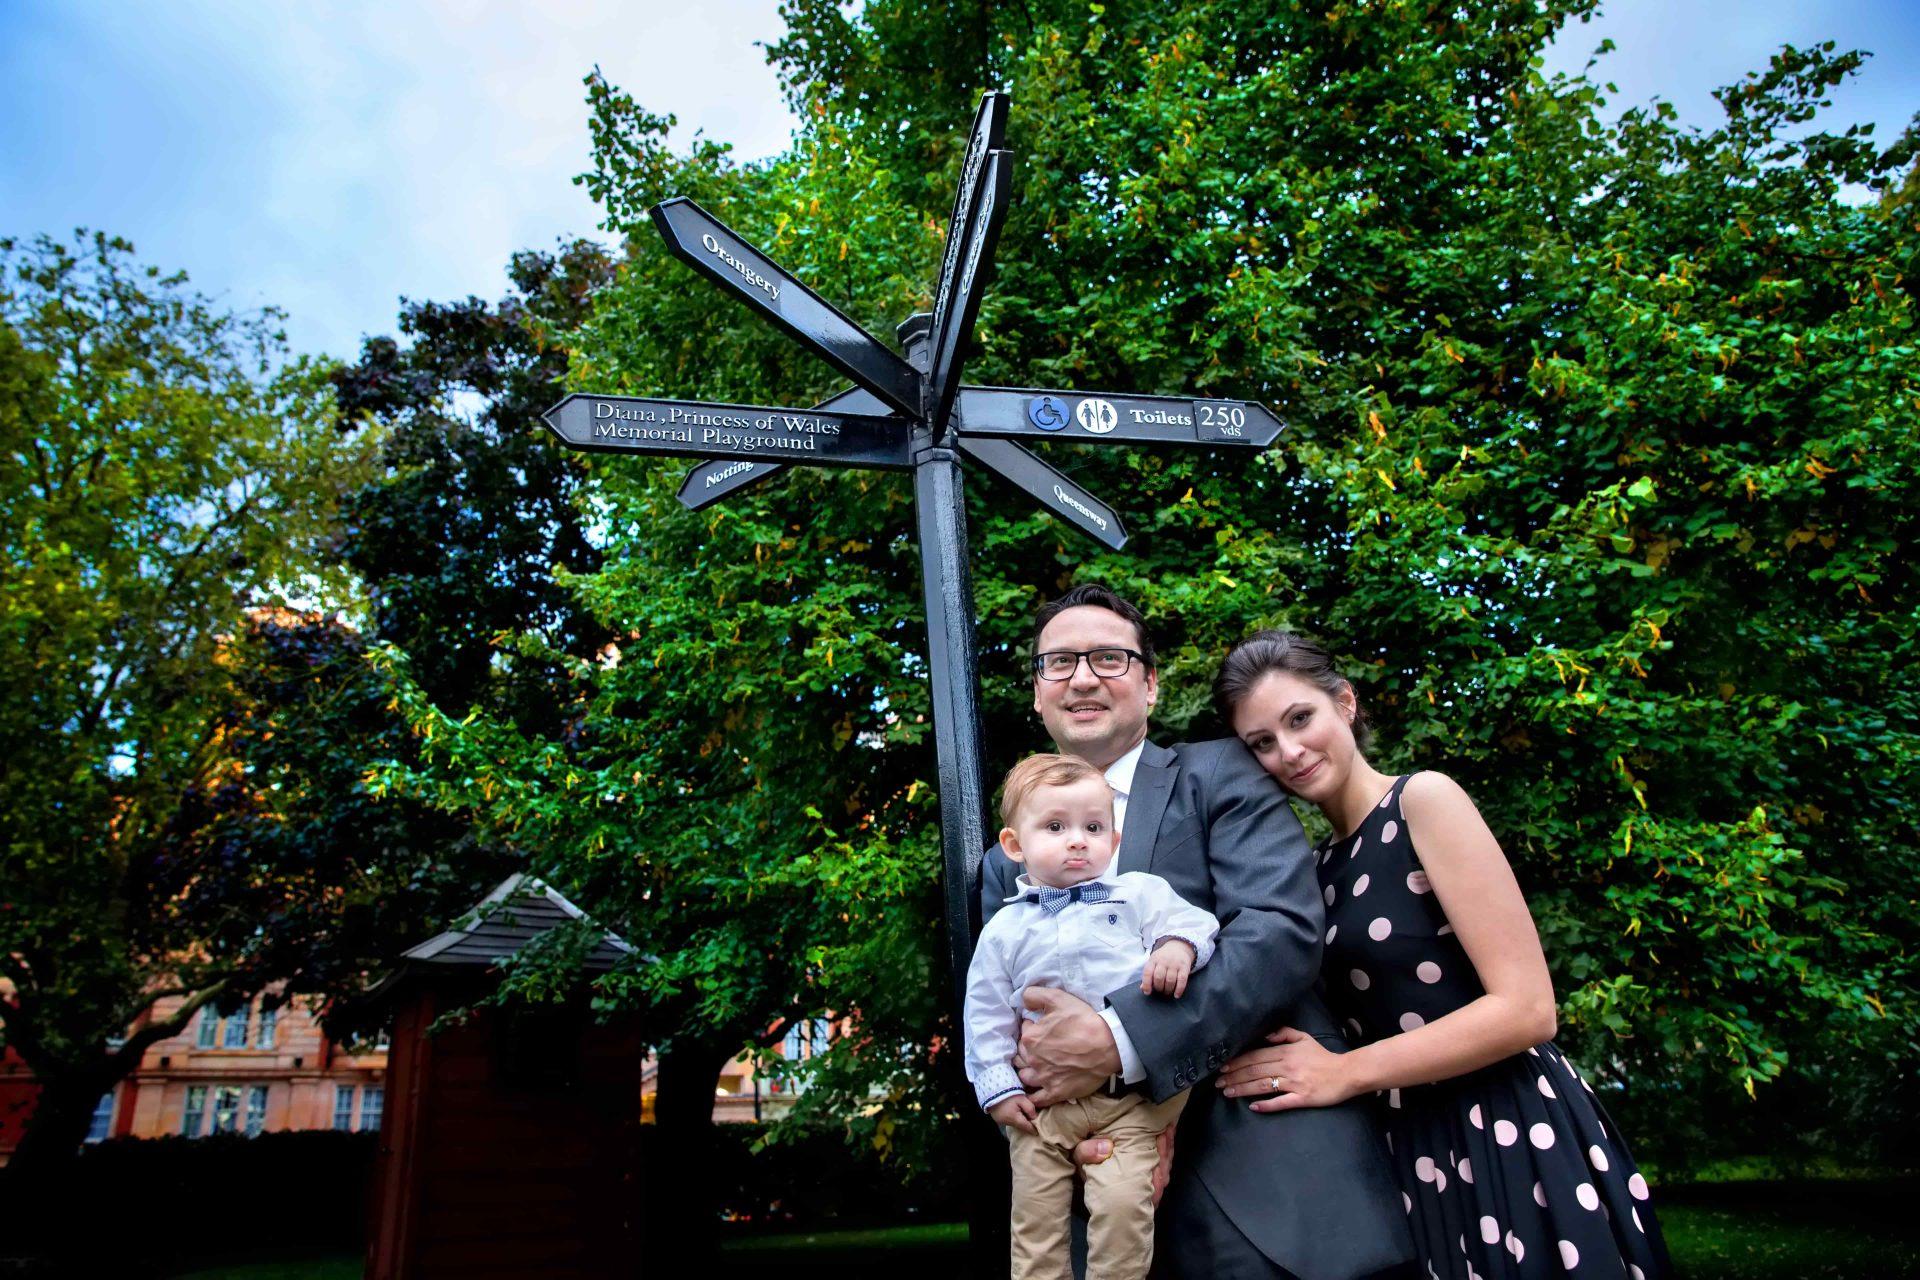 φωτογράφηση βάπτισης στο Λονδίνο ,το ζεύγος με τον μικρό Φίλιππο στο πάρκο.